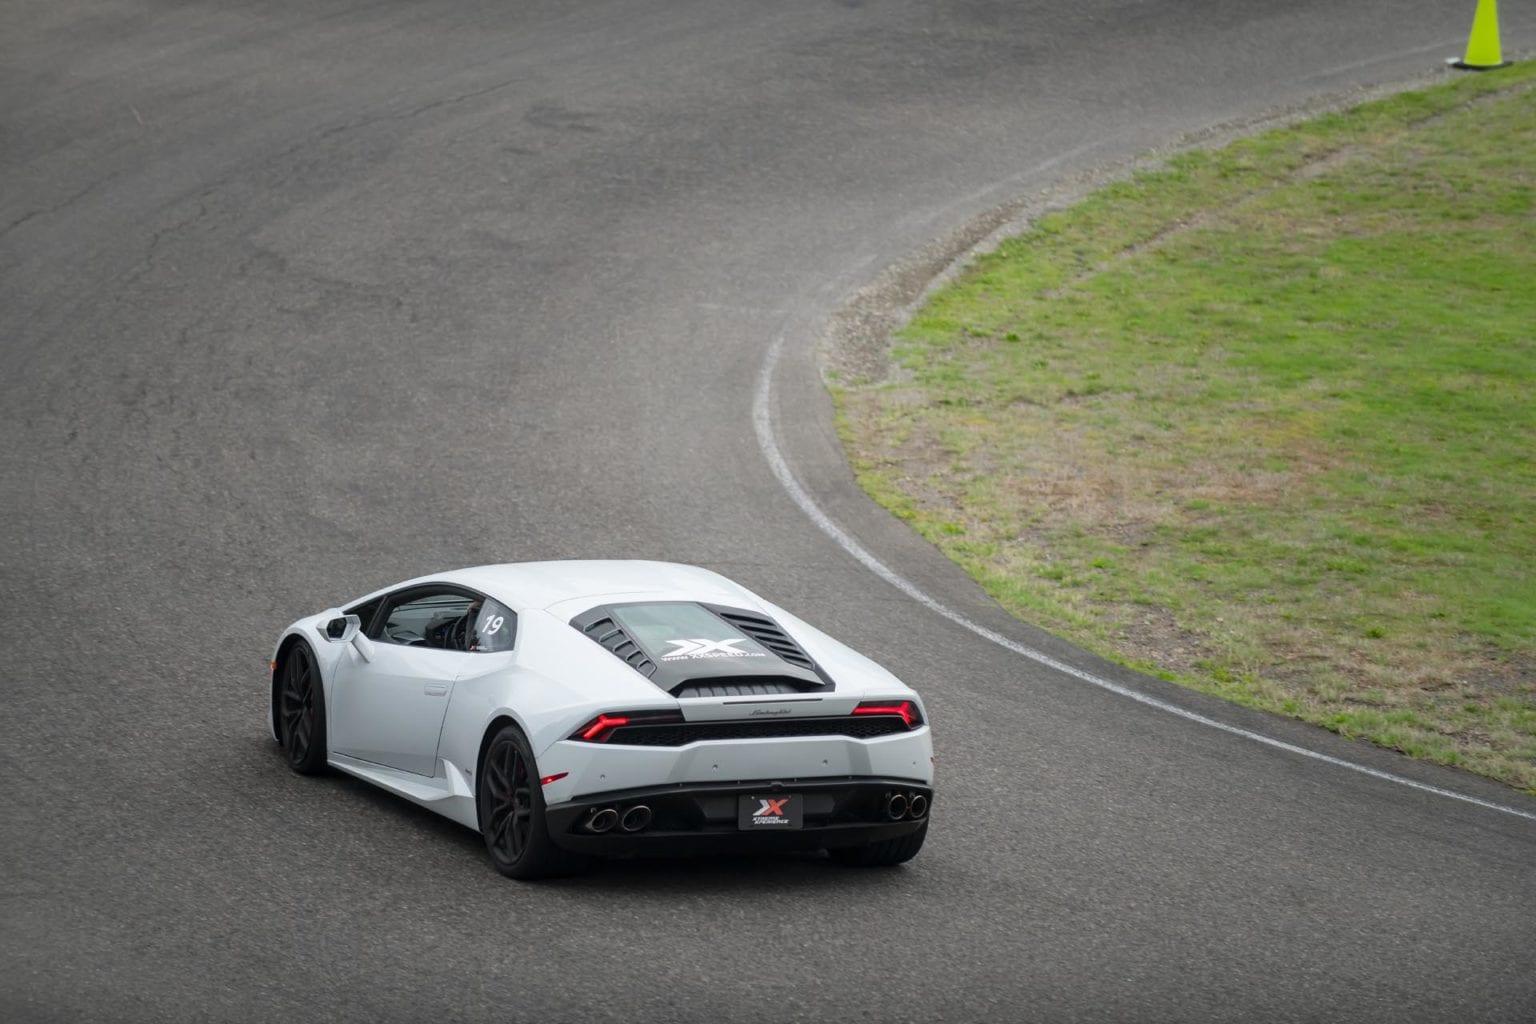 white car on track